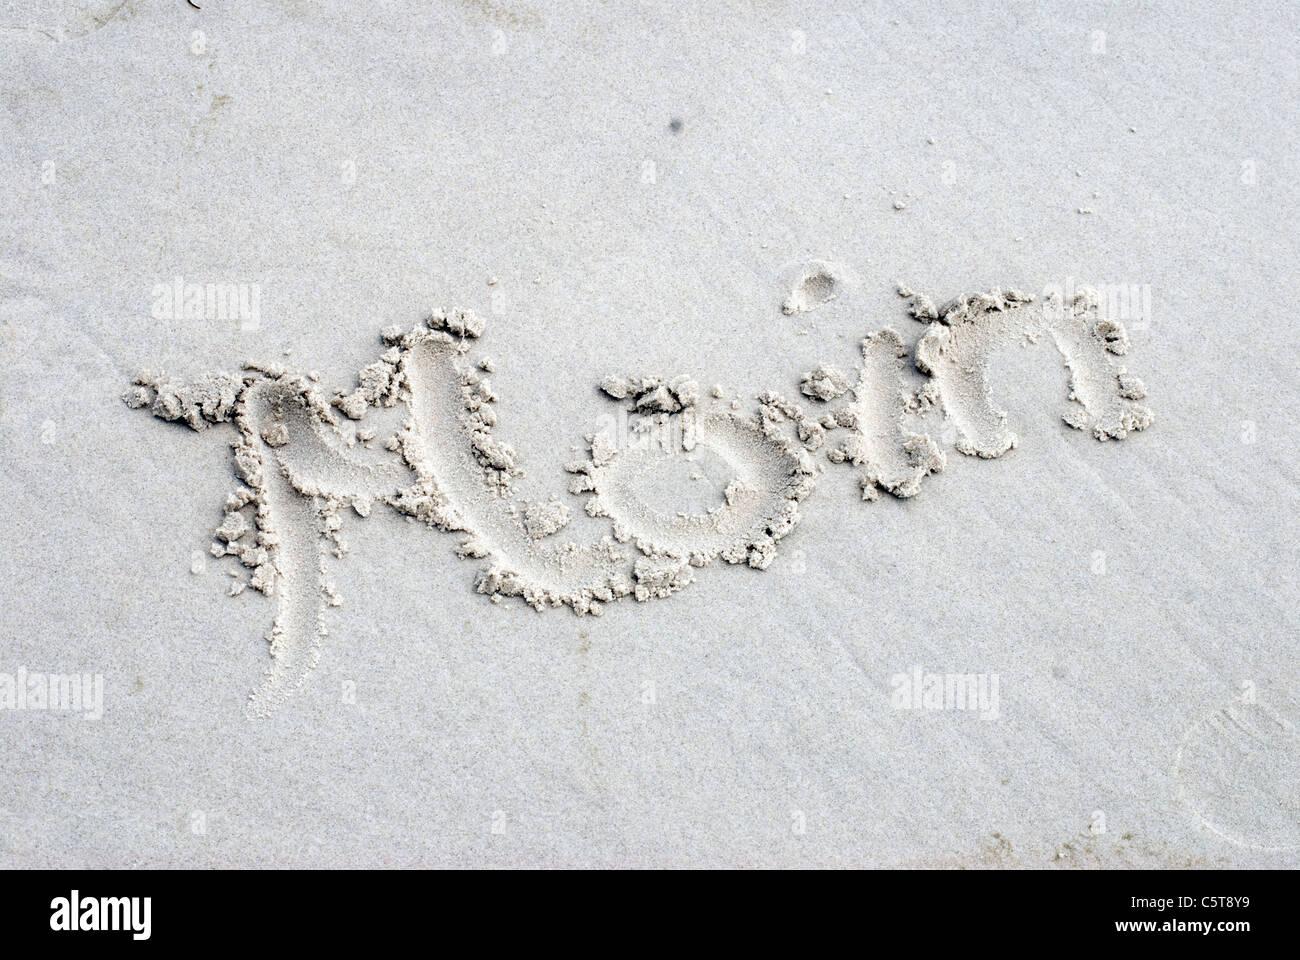 Allemagne, Amrum, le mot Moin écrit dans le sable Photo Stock